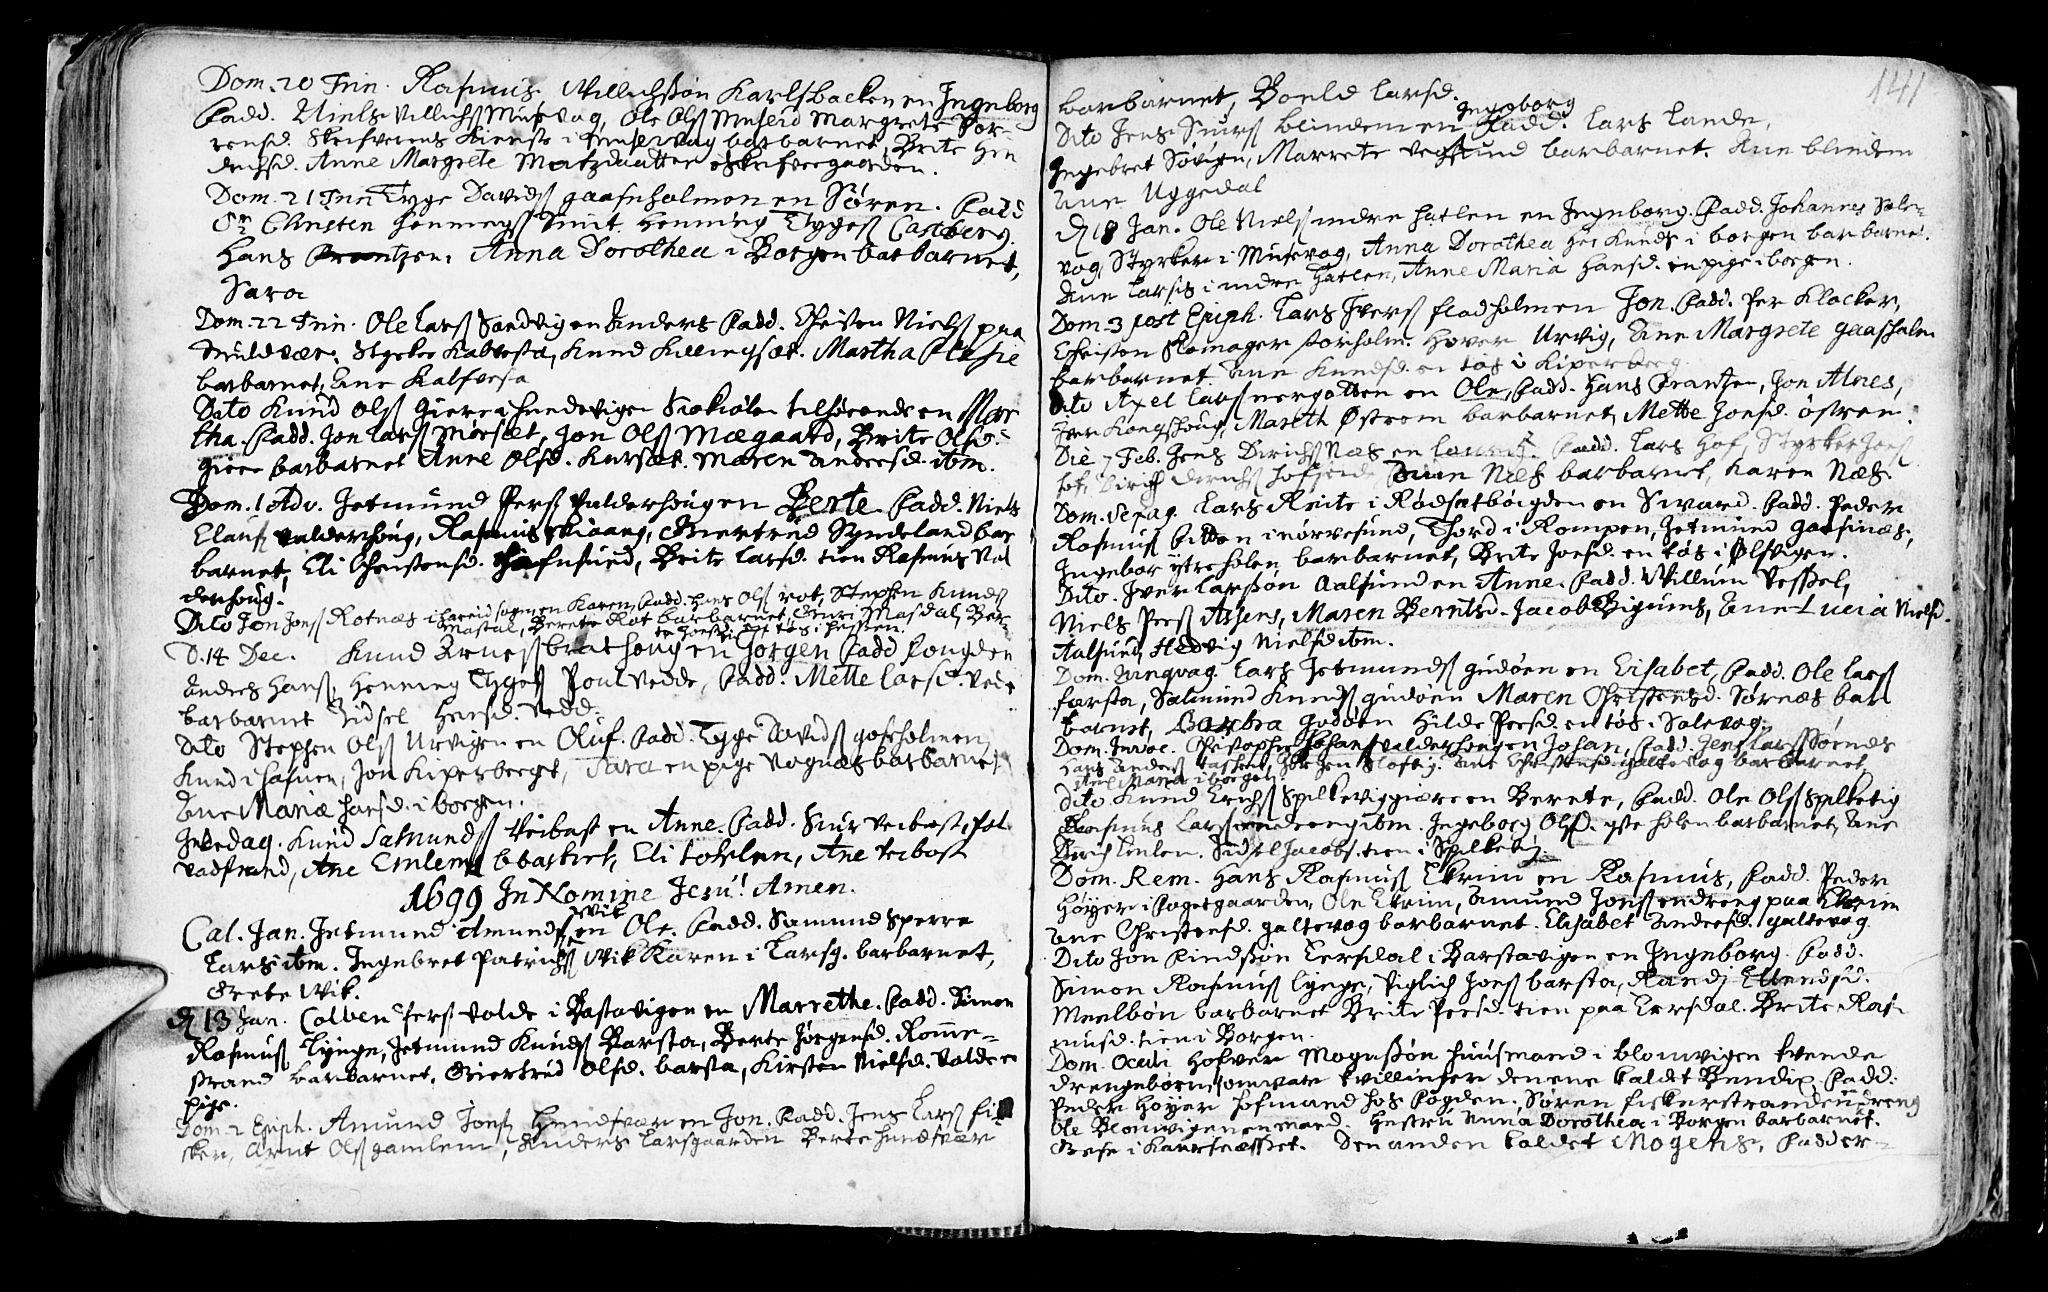 SAT, Ministerialprotokoller, klokkerbøker og fødselsregistre - Møre og Romsdal, 528/L0390: Ministerialbok nr. 528A01, 1698-1739, s. 140-141